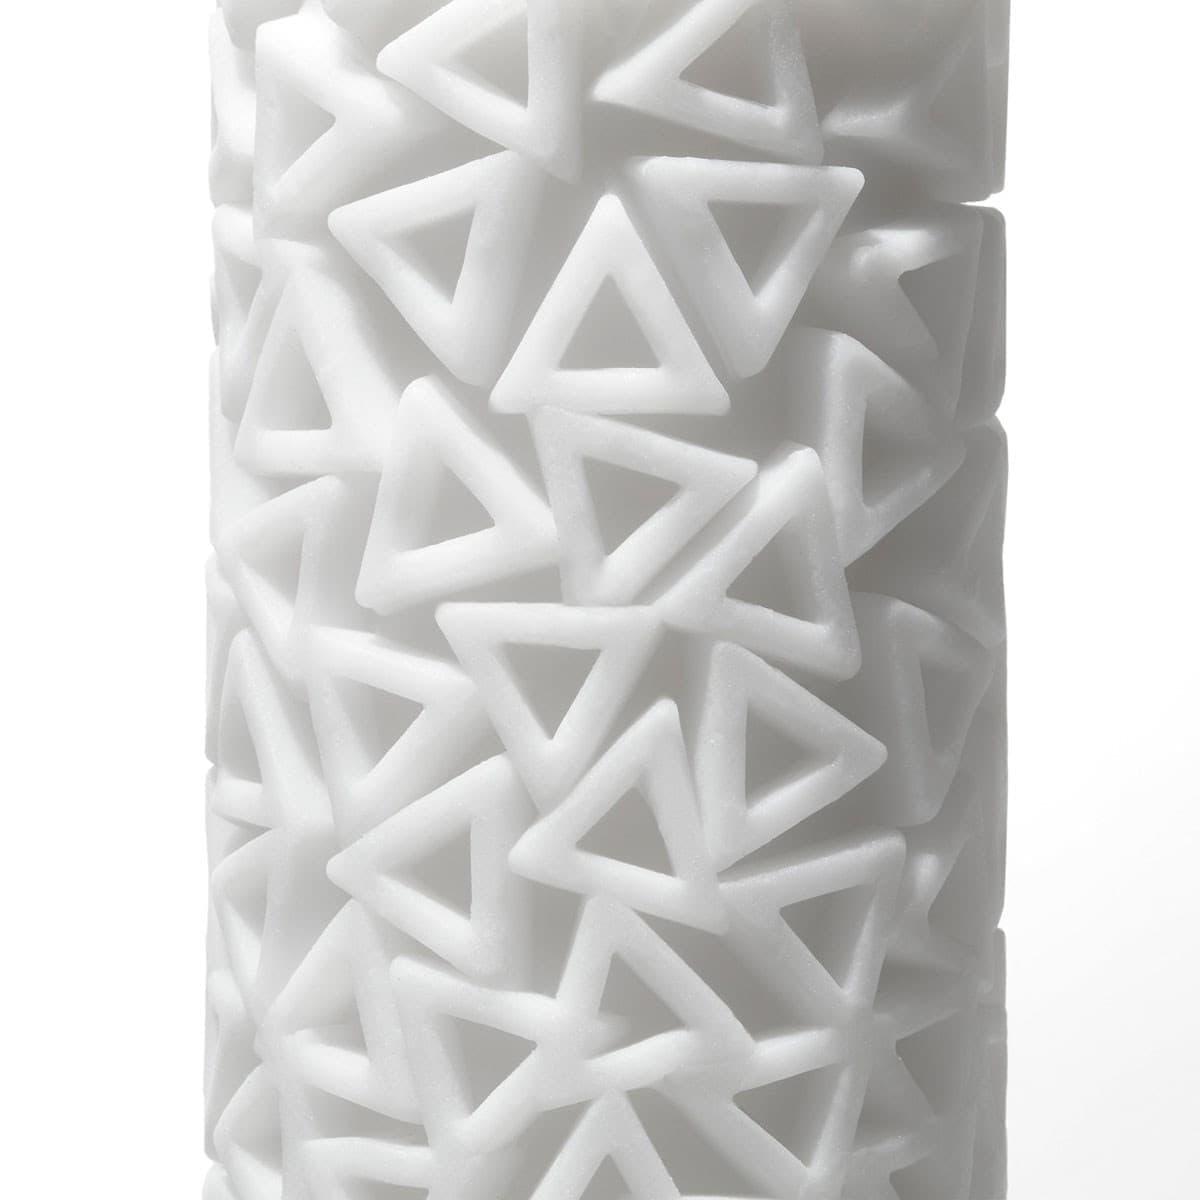 Мастурбатор Tenga 3D PILE - фото 13133